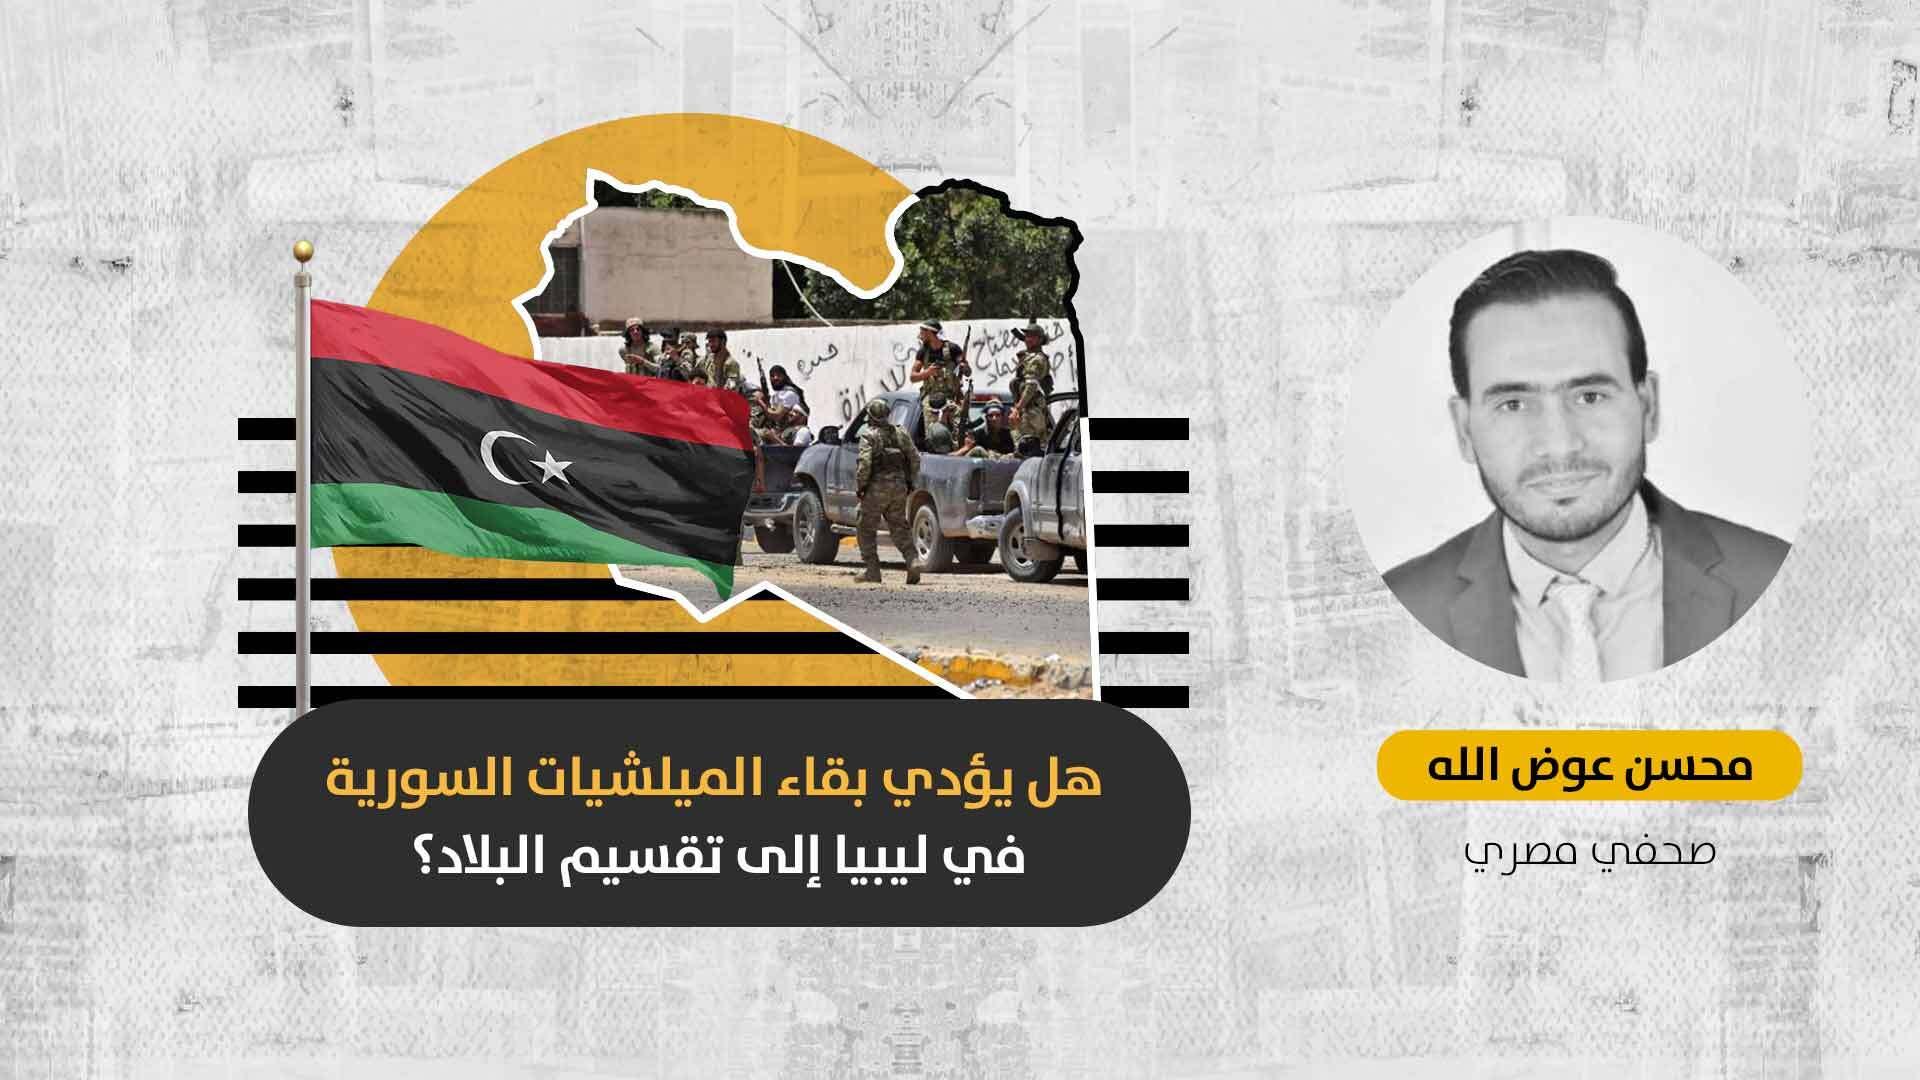 """الأزمة الليبية: هل يؤدي وجود المرتزقة السوريين غربي ليبيا إلى تأسيس """"دولة برقة المستقلة"""" في شرقها؟"""